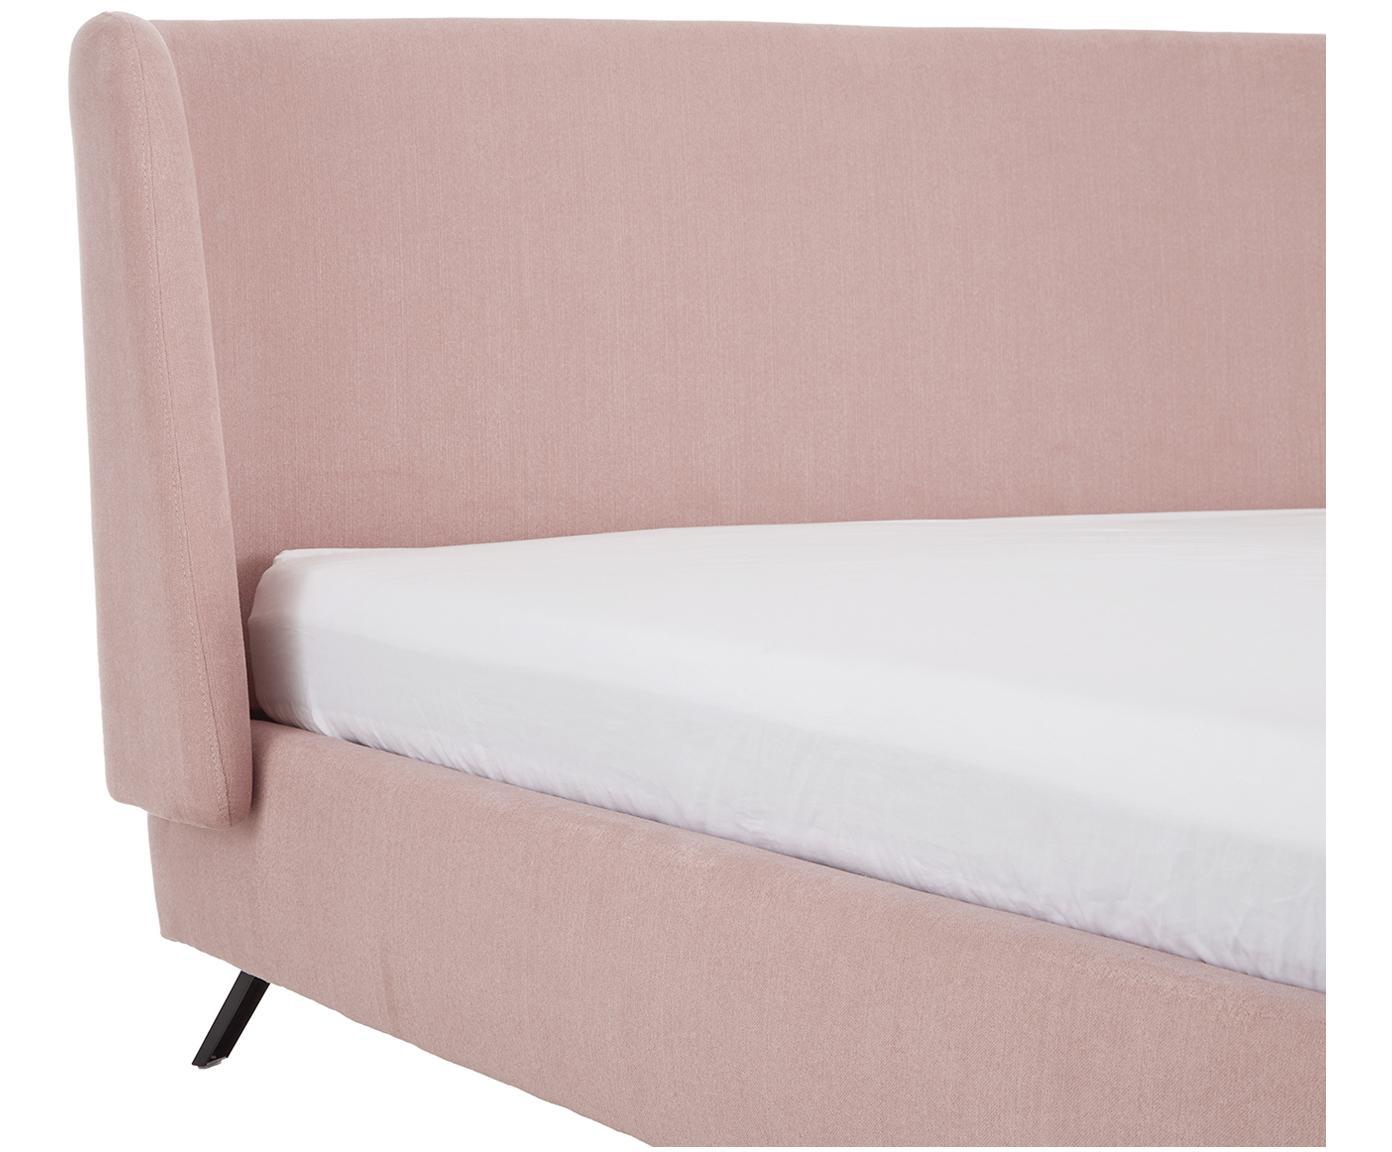 Gestoffeerd bed Madonna, Frame: massief grenenhout, Poten: gepoedercoat metaal, Bekleding: polyester (gestructureerd, Bekleding: oudroze. Poten: mat zwart, 160 x 200 cm